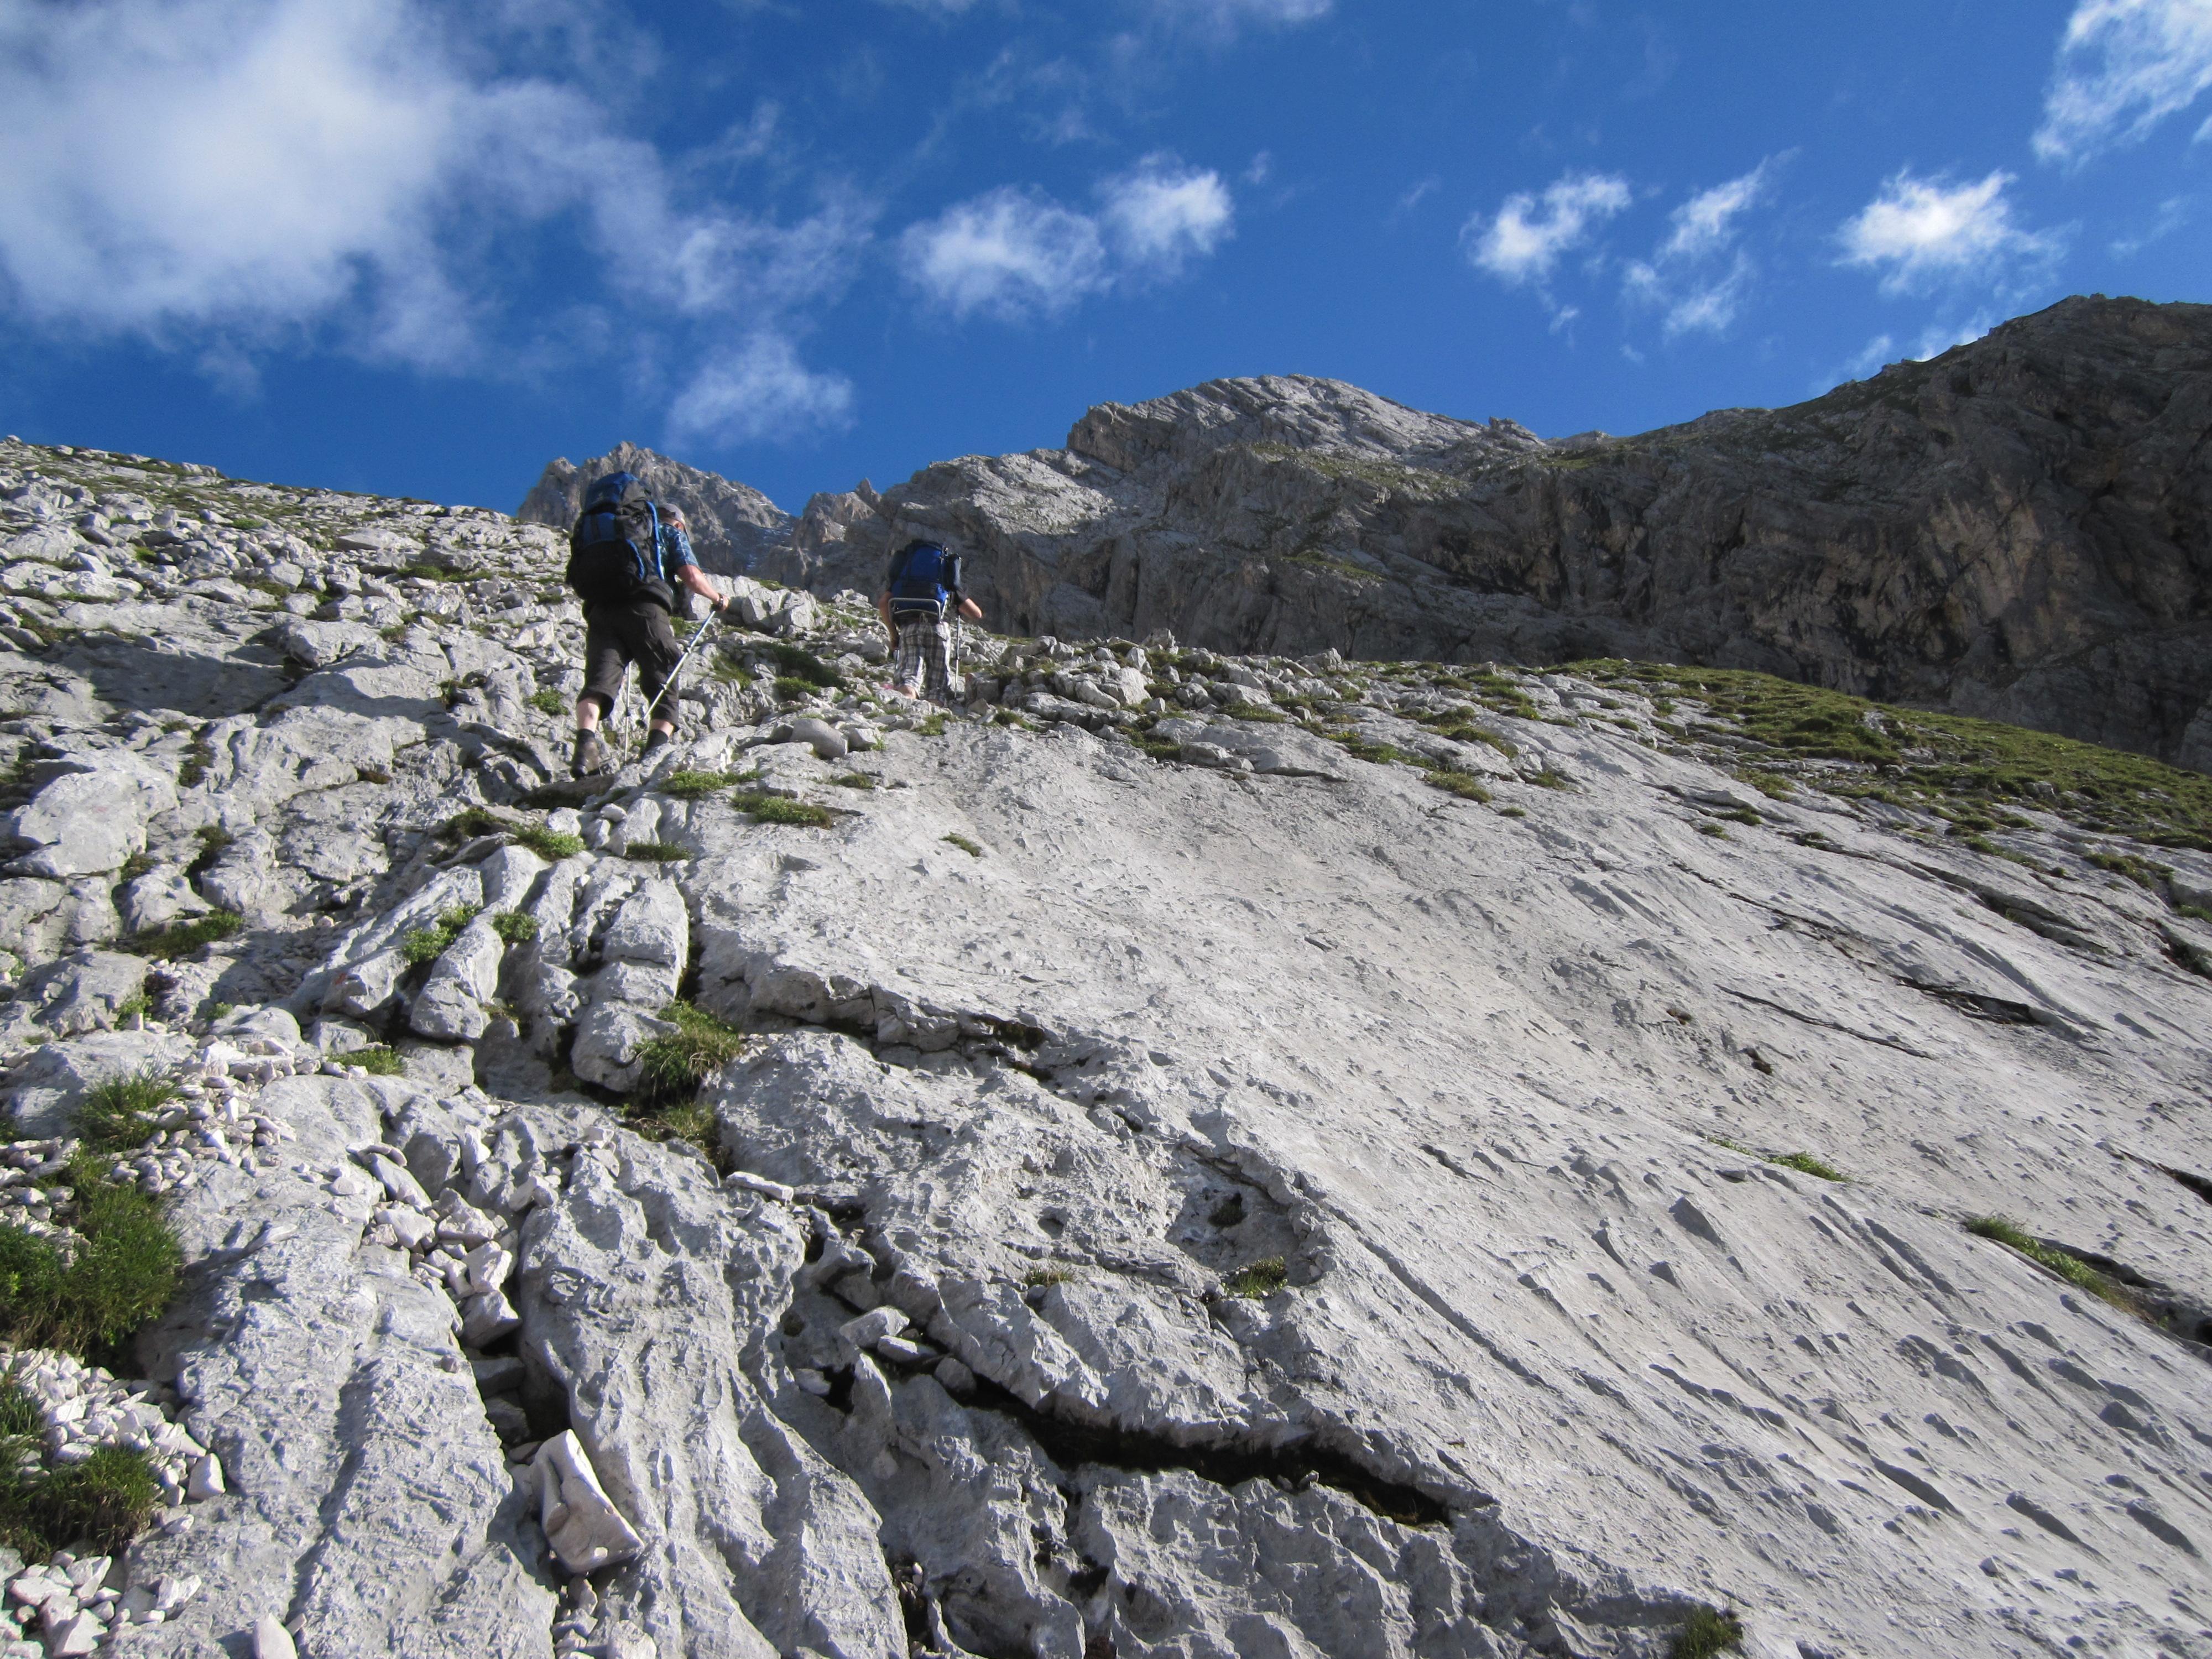 Felsige Abschnitte, Durchs Reintal auf die Zugspitze Hüttentour Fjella